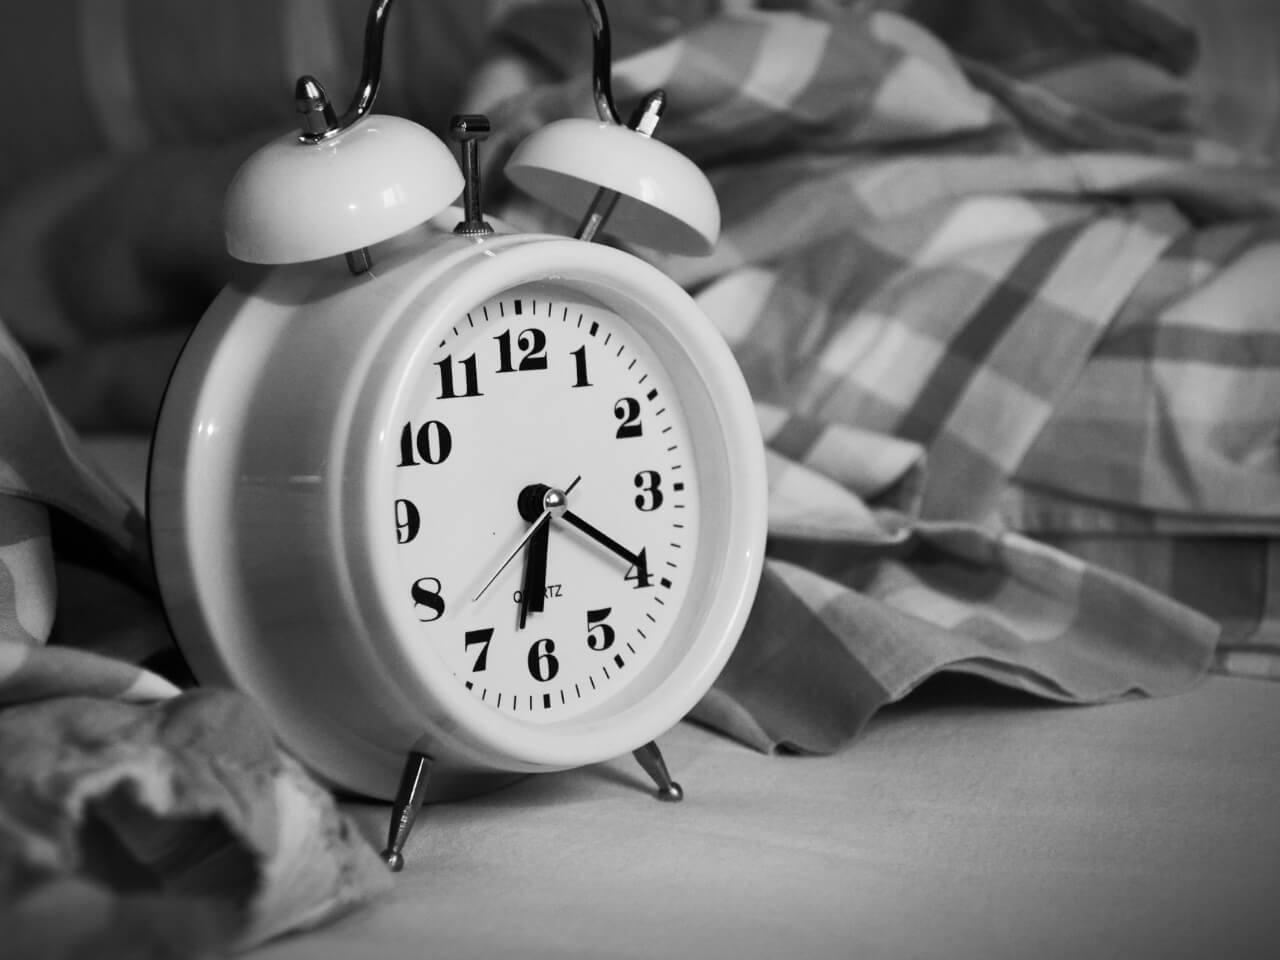 6時20分をさす目覚まし時計